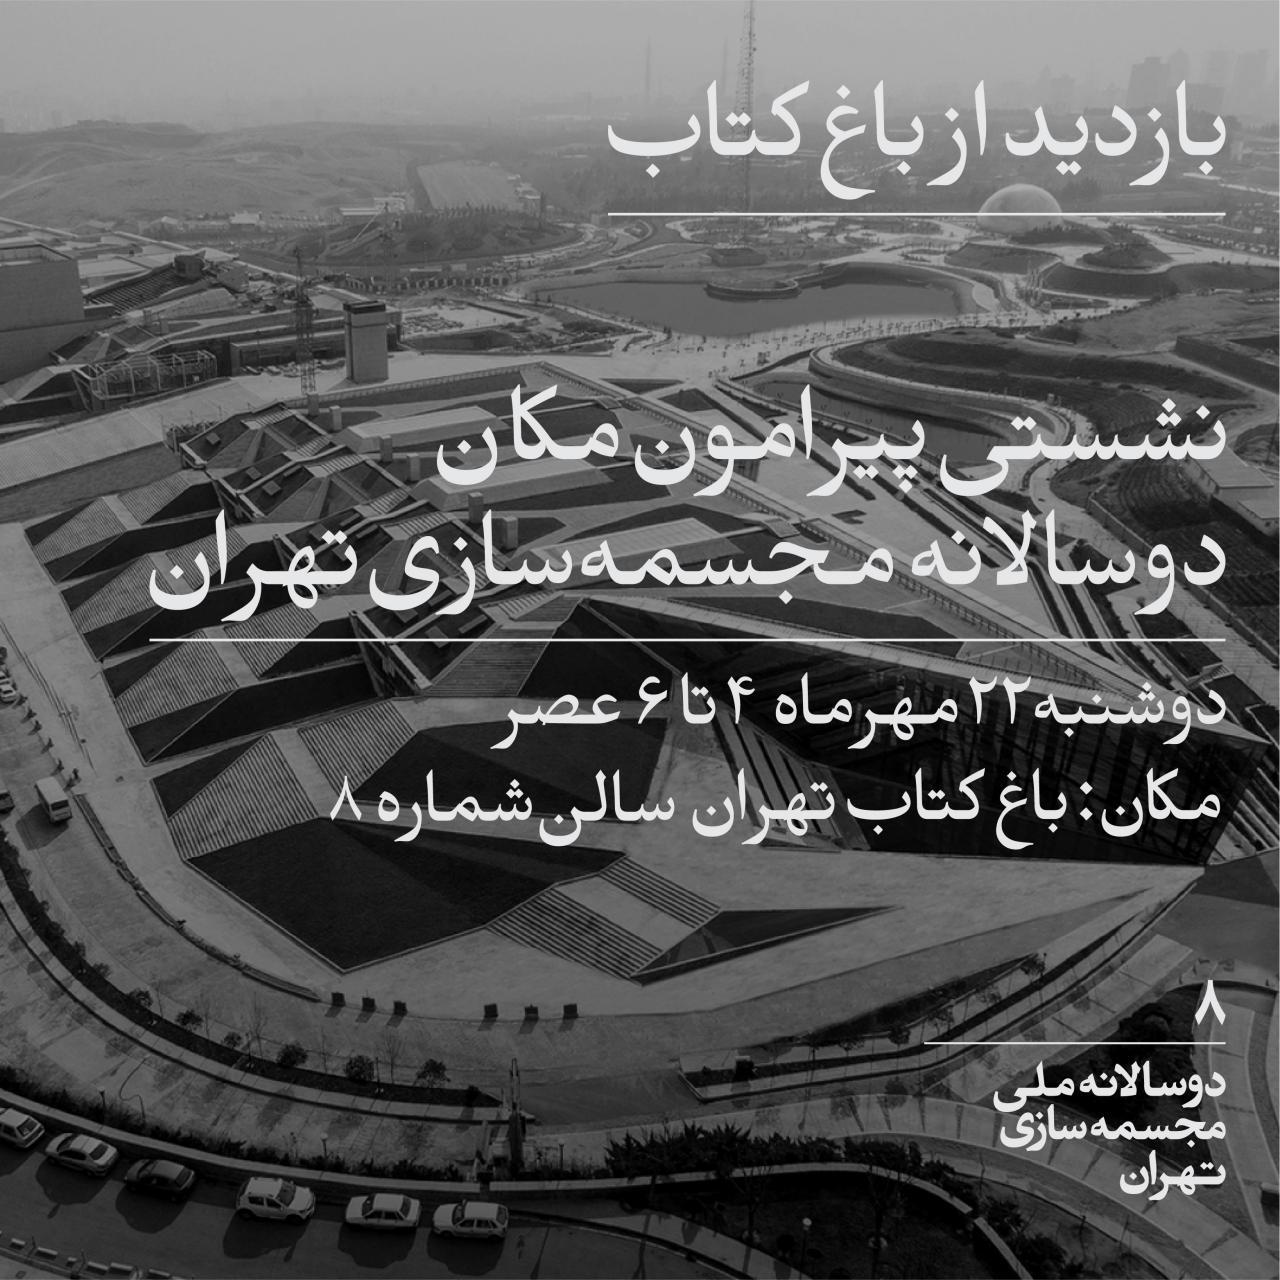 نشستی پیرامون مکان دوسالانه مجسمه سازی تهران